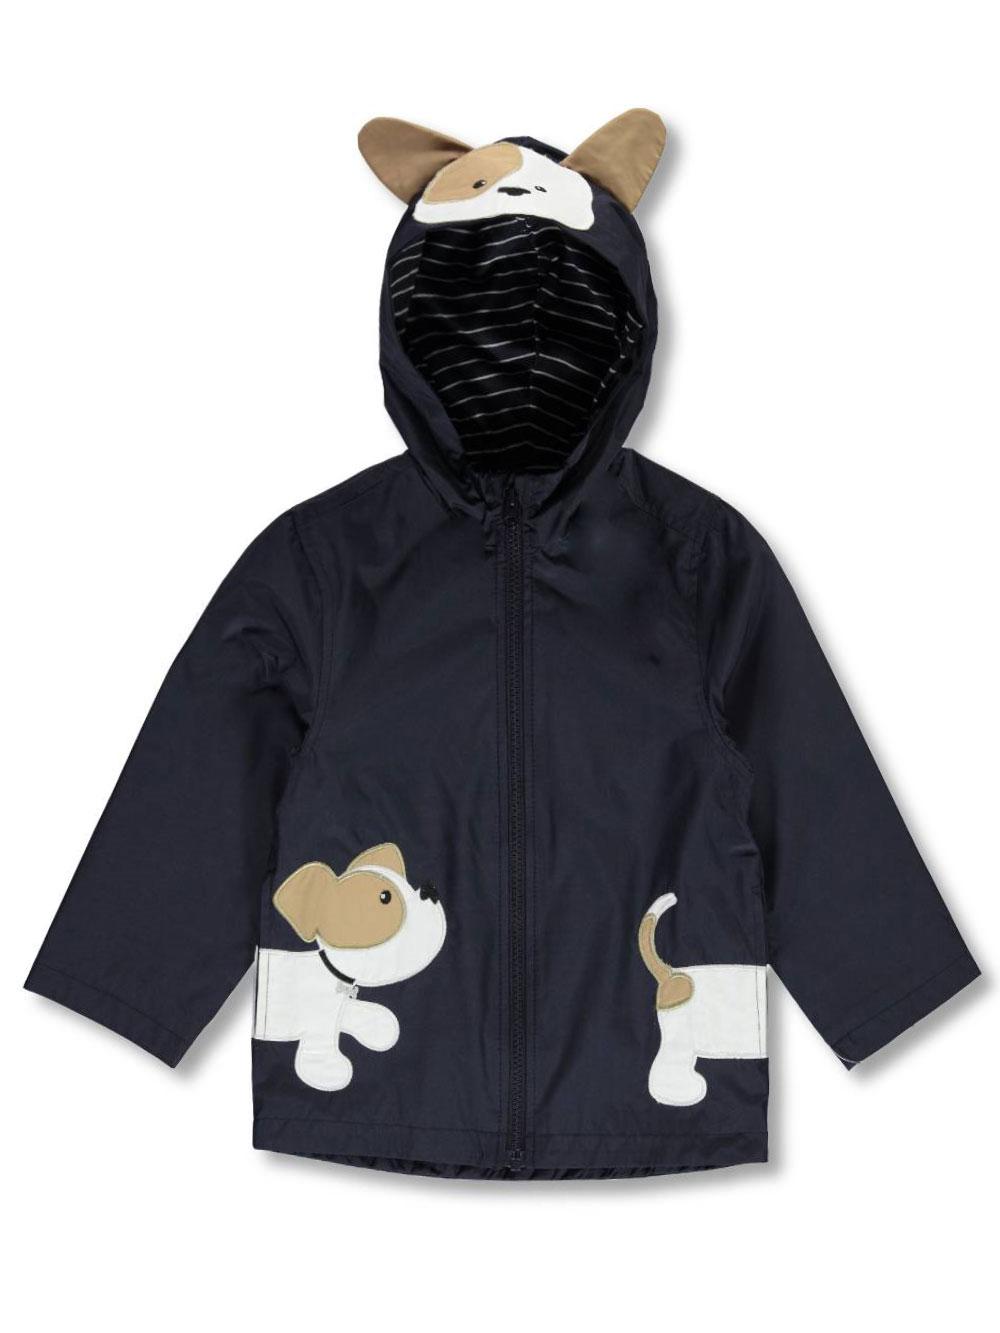 b22cb4182 London Fog Boys  Hooded Windbreaker Jacket